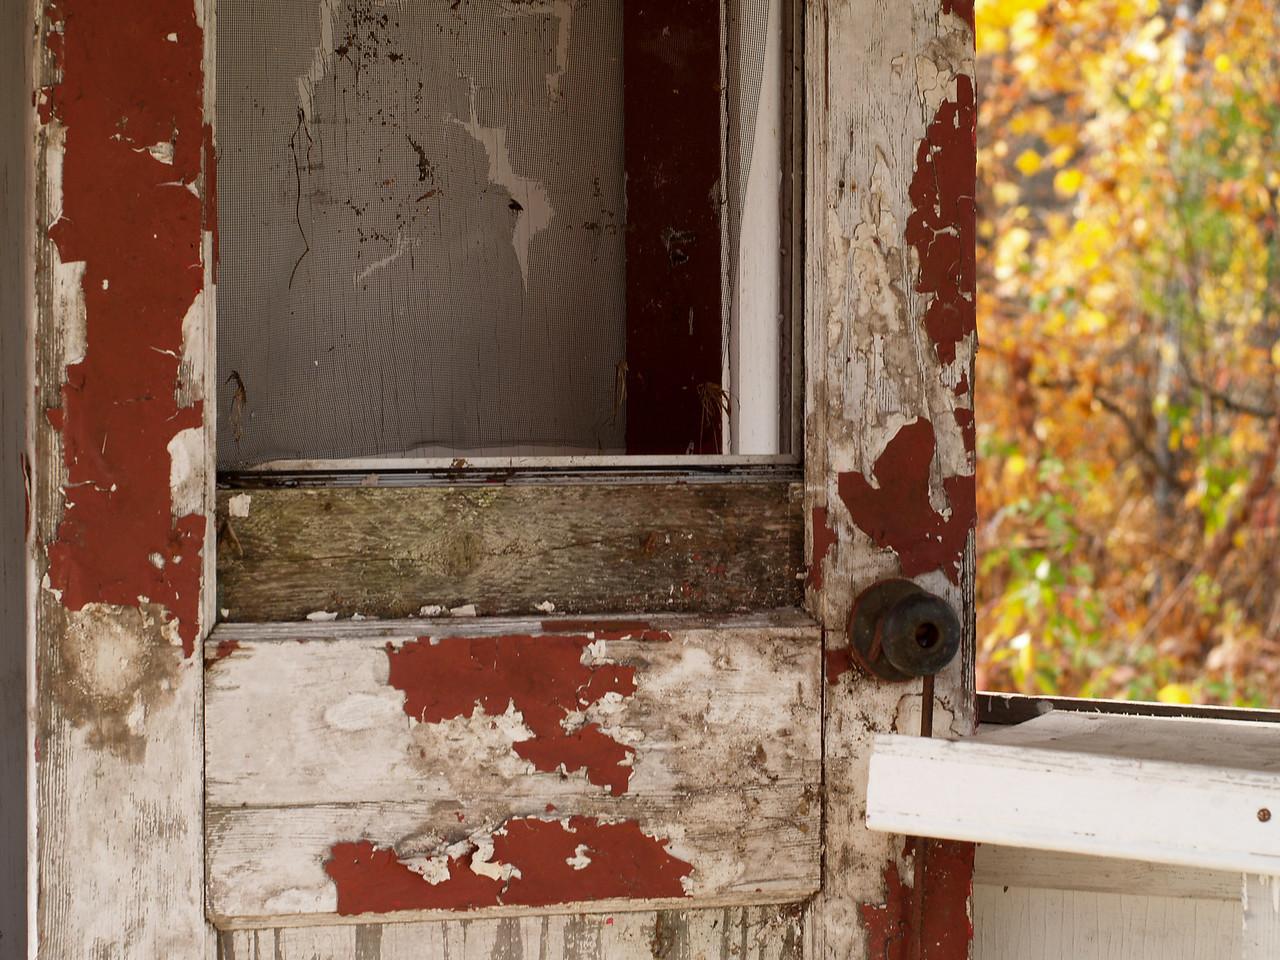 Decaying door of the Benson's ticket booth